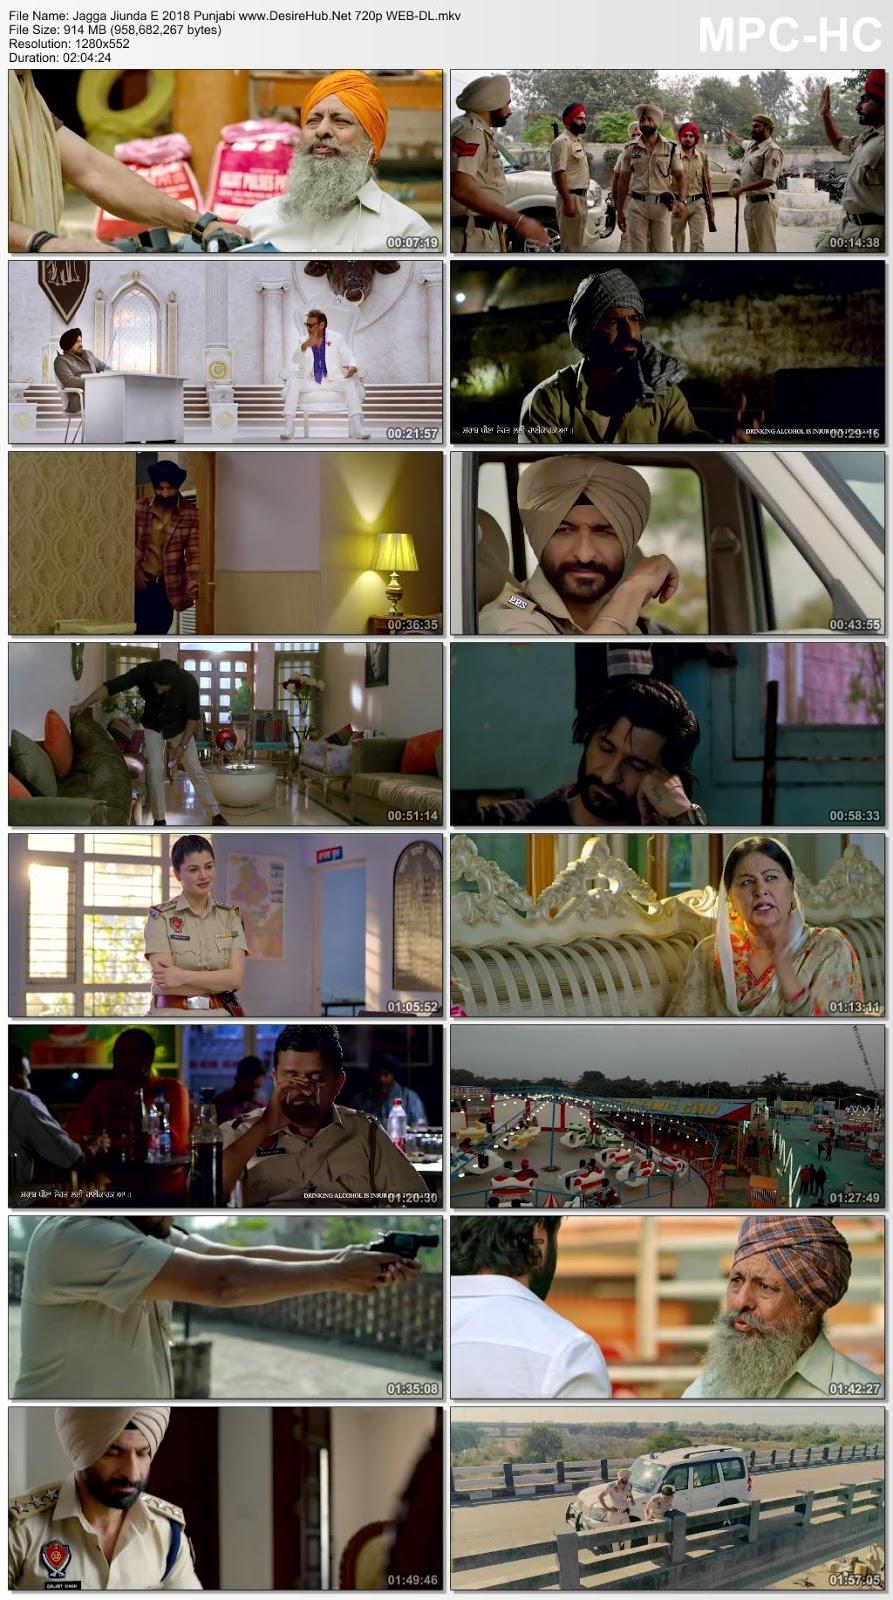 Jagga Jiunda E (2018) Punjabi 720p WEB-DL 950MB Desirehub